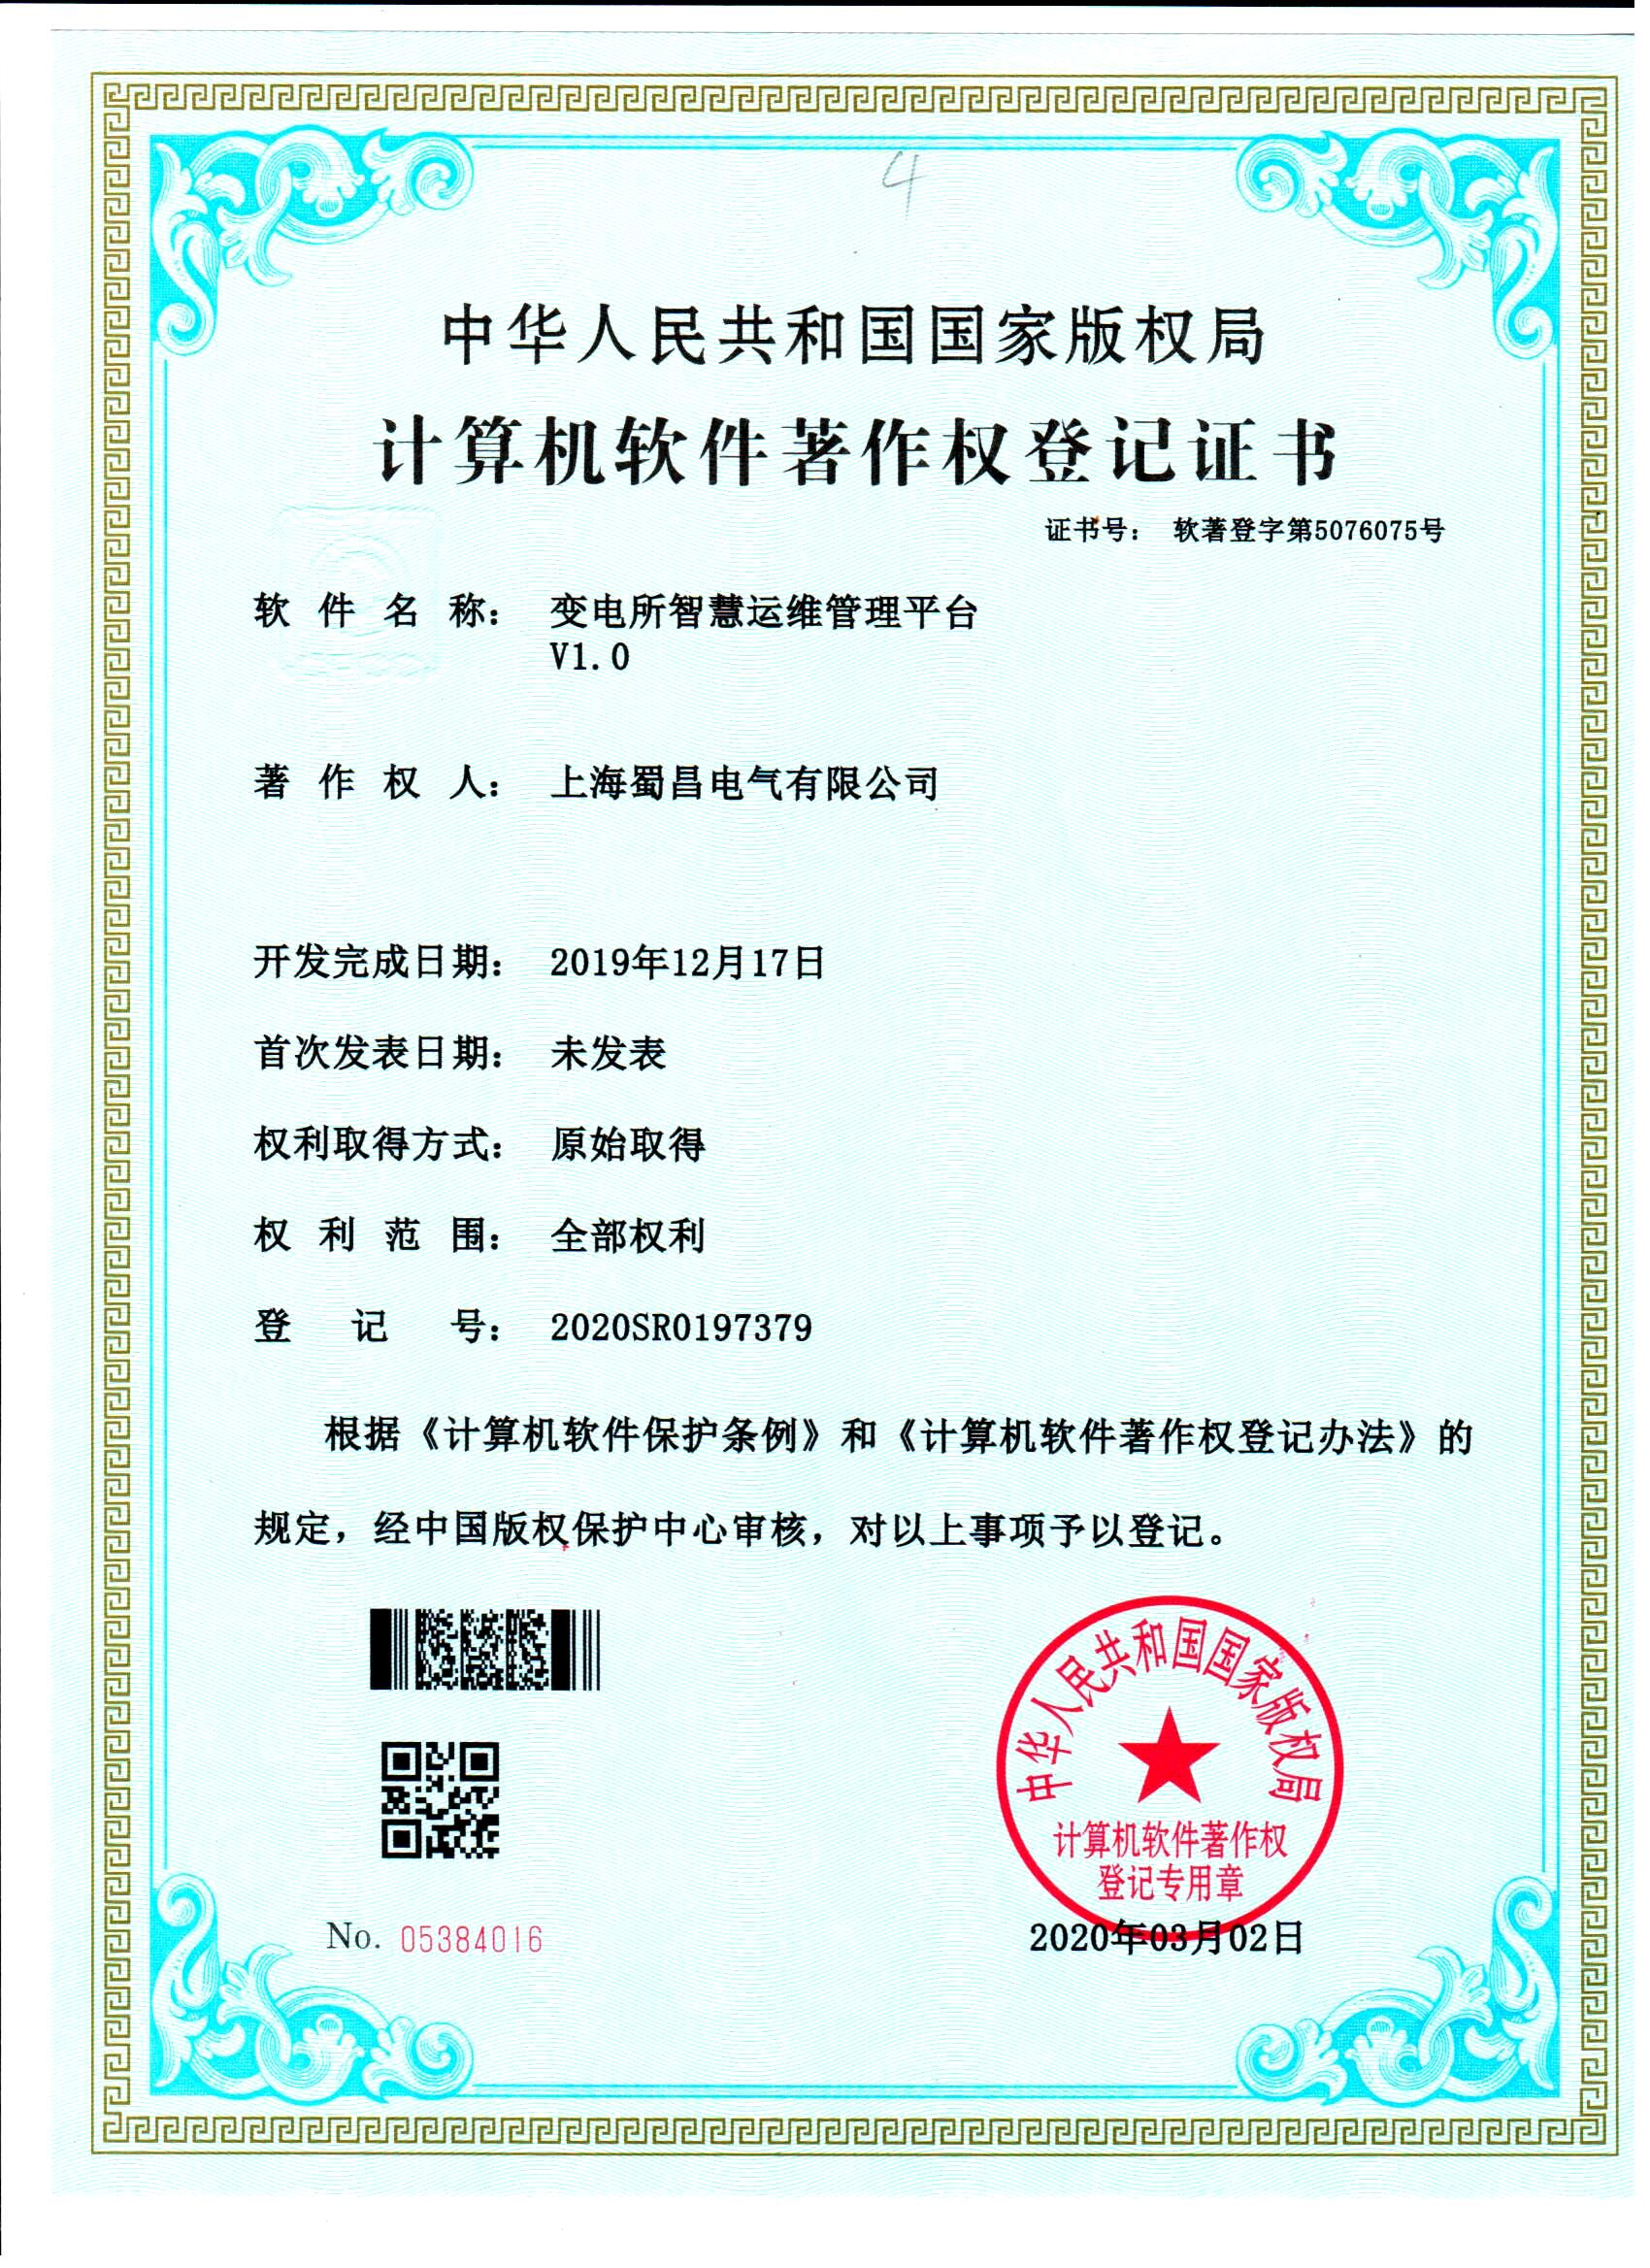 计算机软件著作权登记证书 变电所智慧运维管理平台.jpg